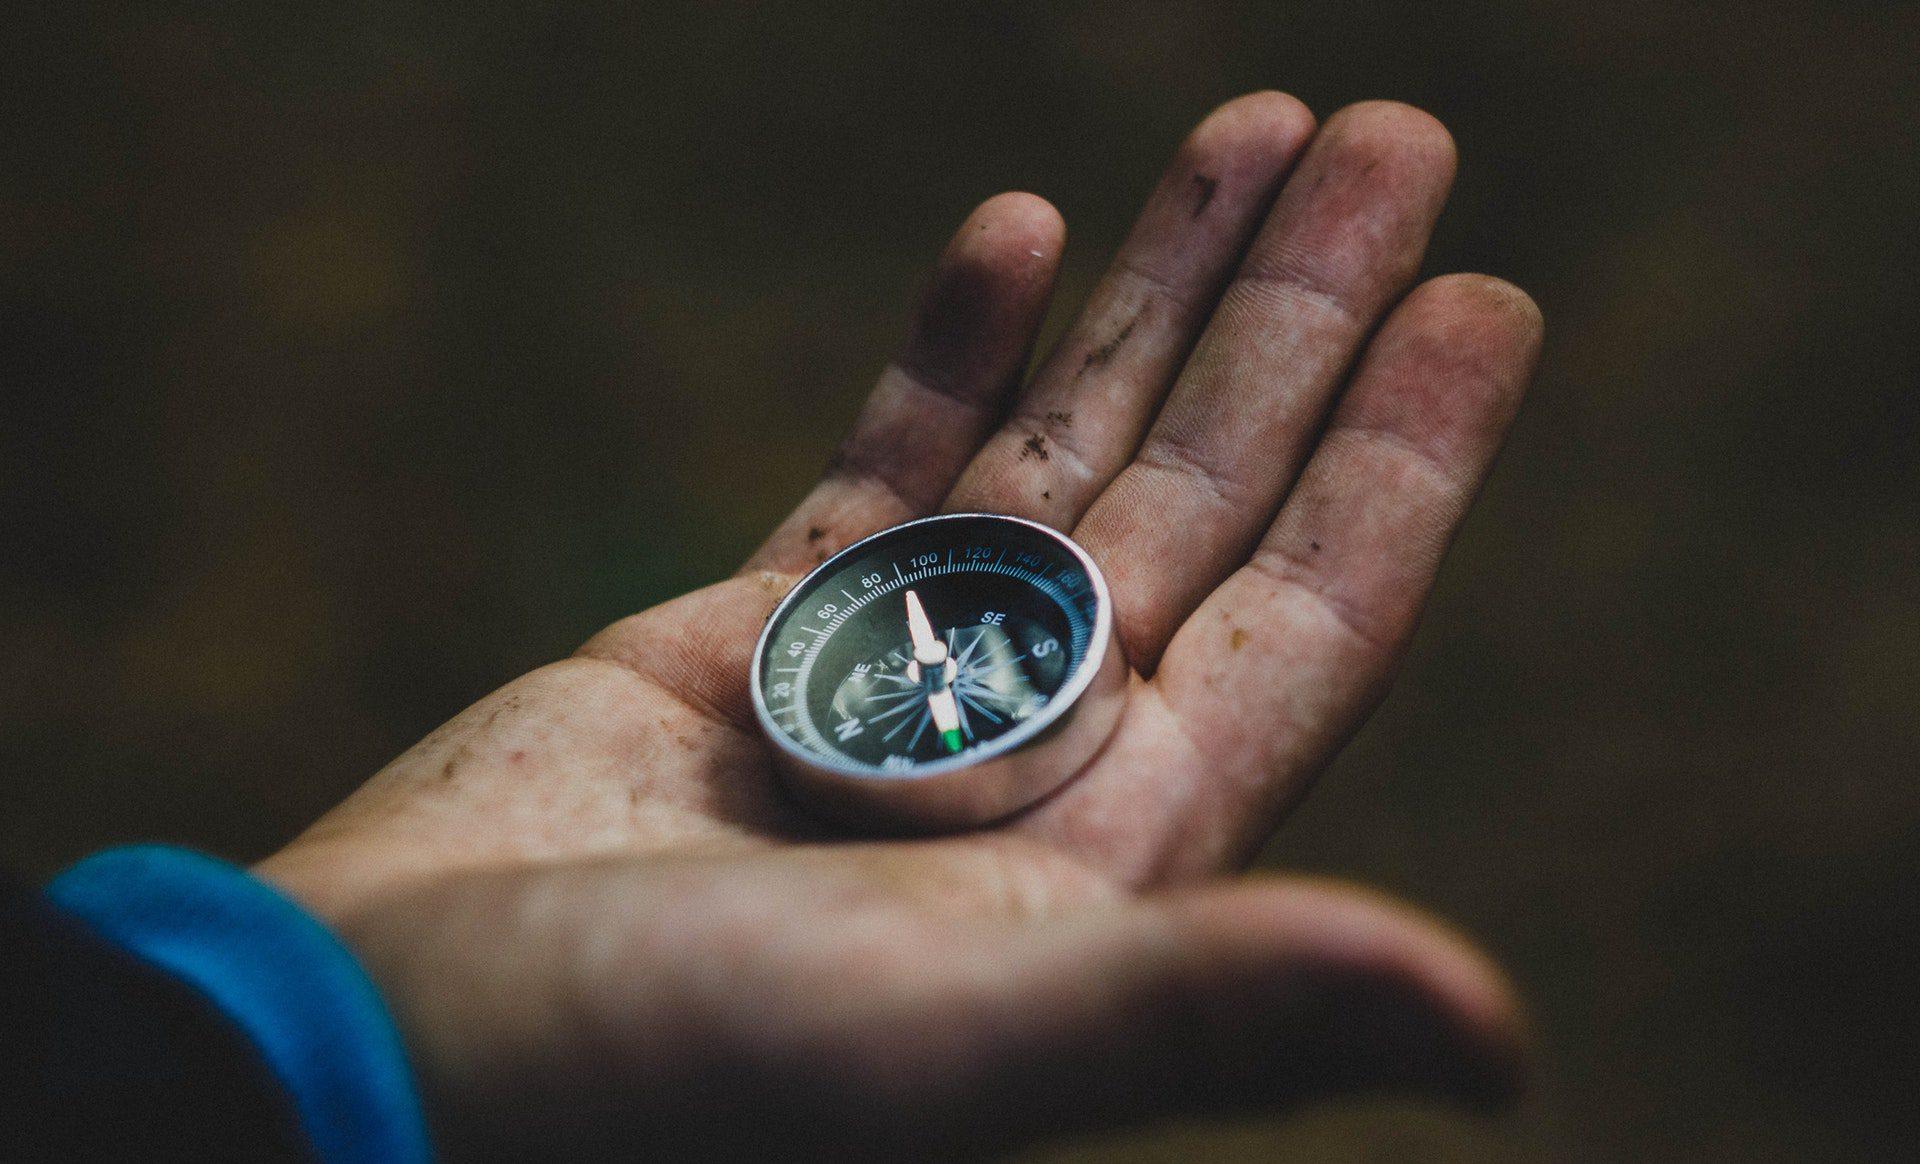 Missão, visão e valores nas empresas